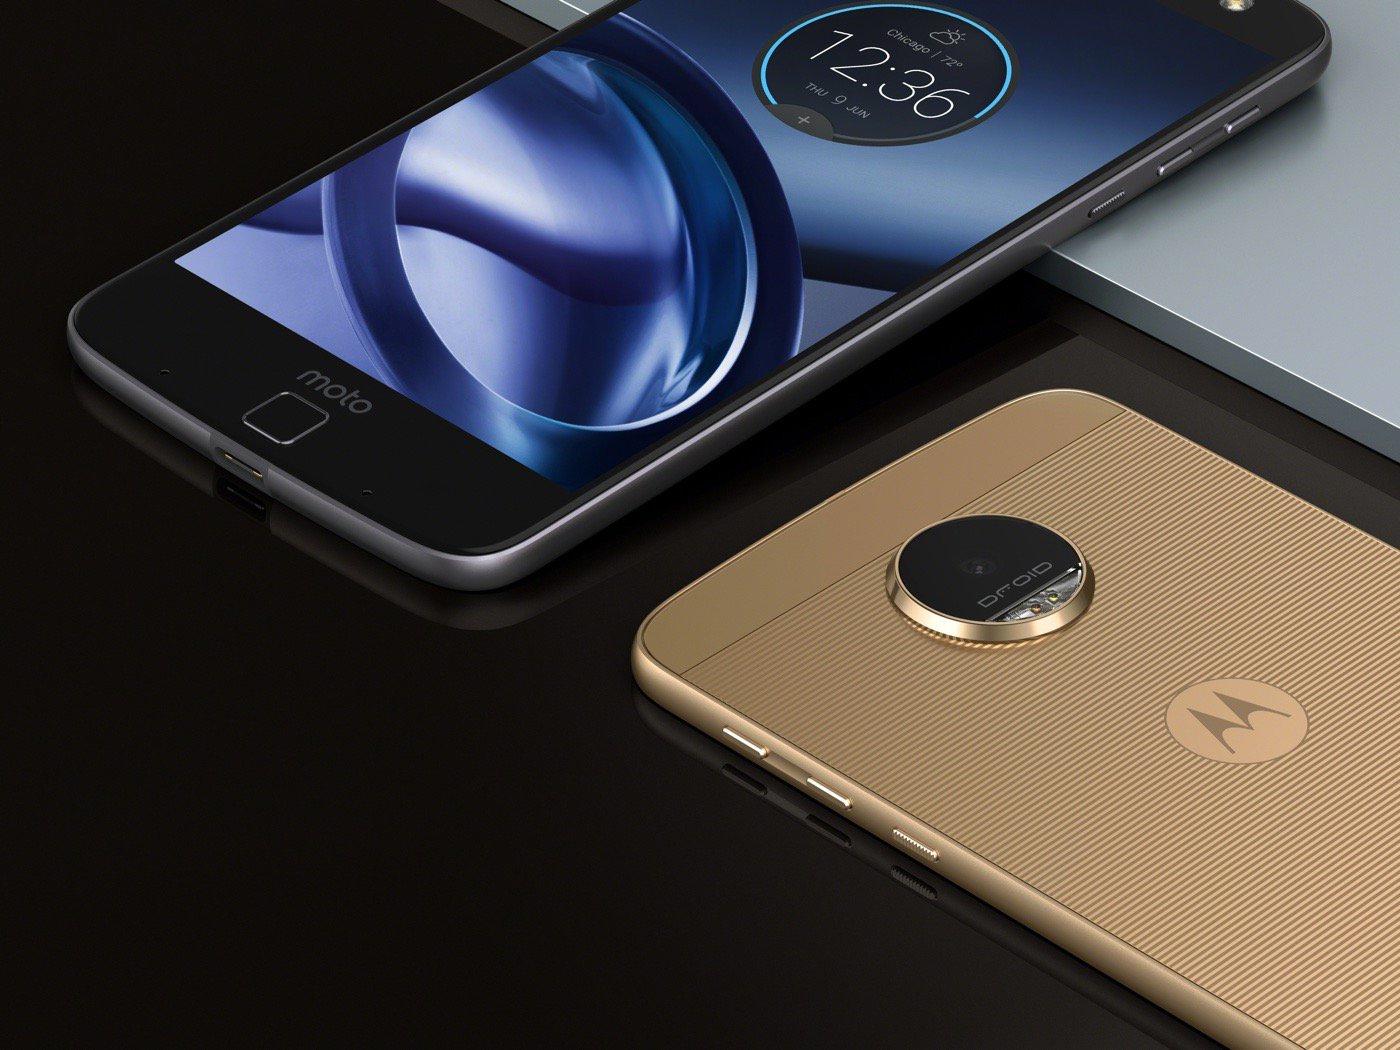 Moto Z va más allá que los smartphones tradicionales